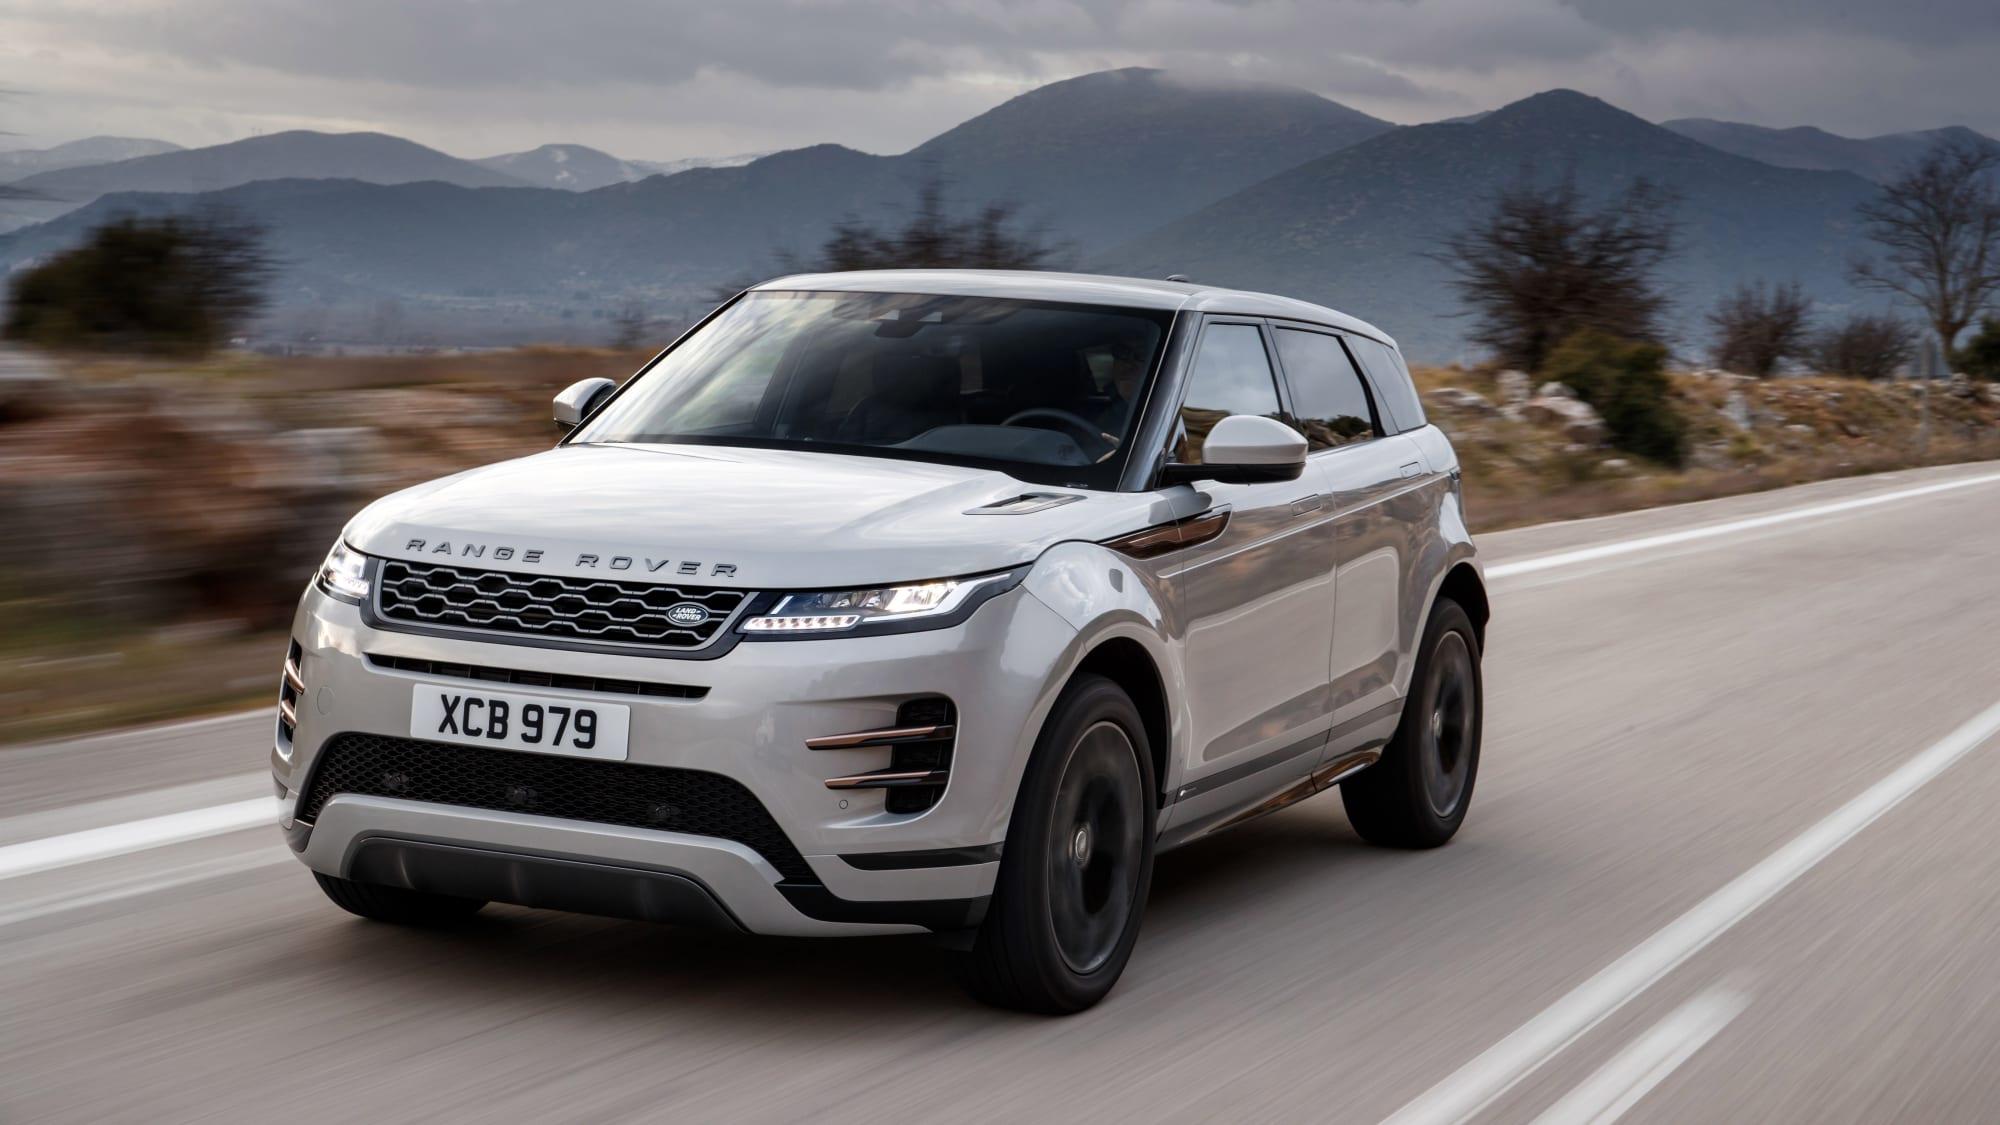 silberner Range Rover Evoque faehrt auf Strasse